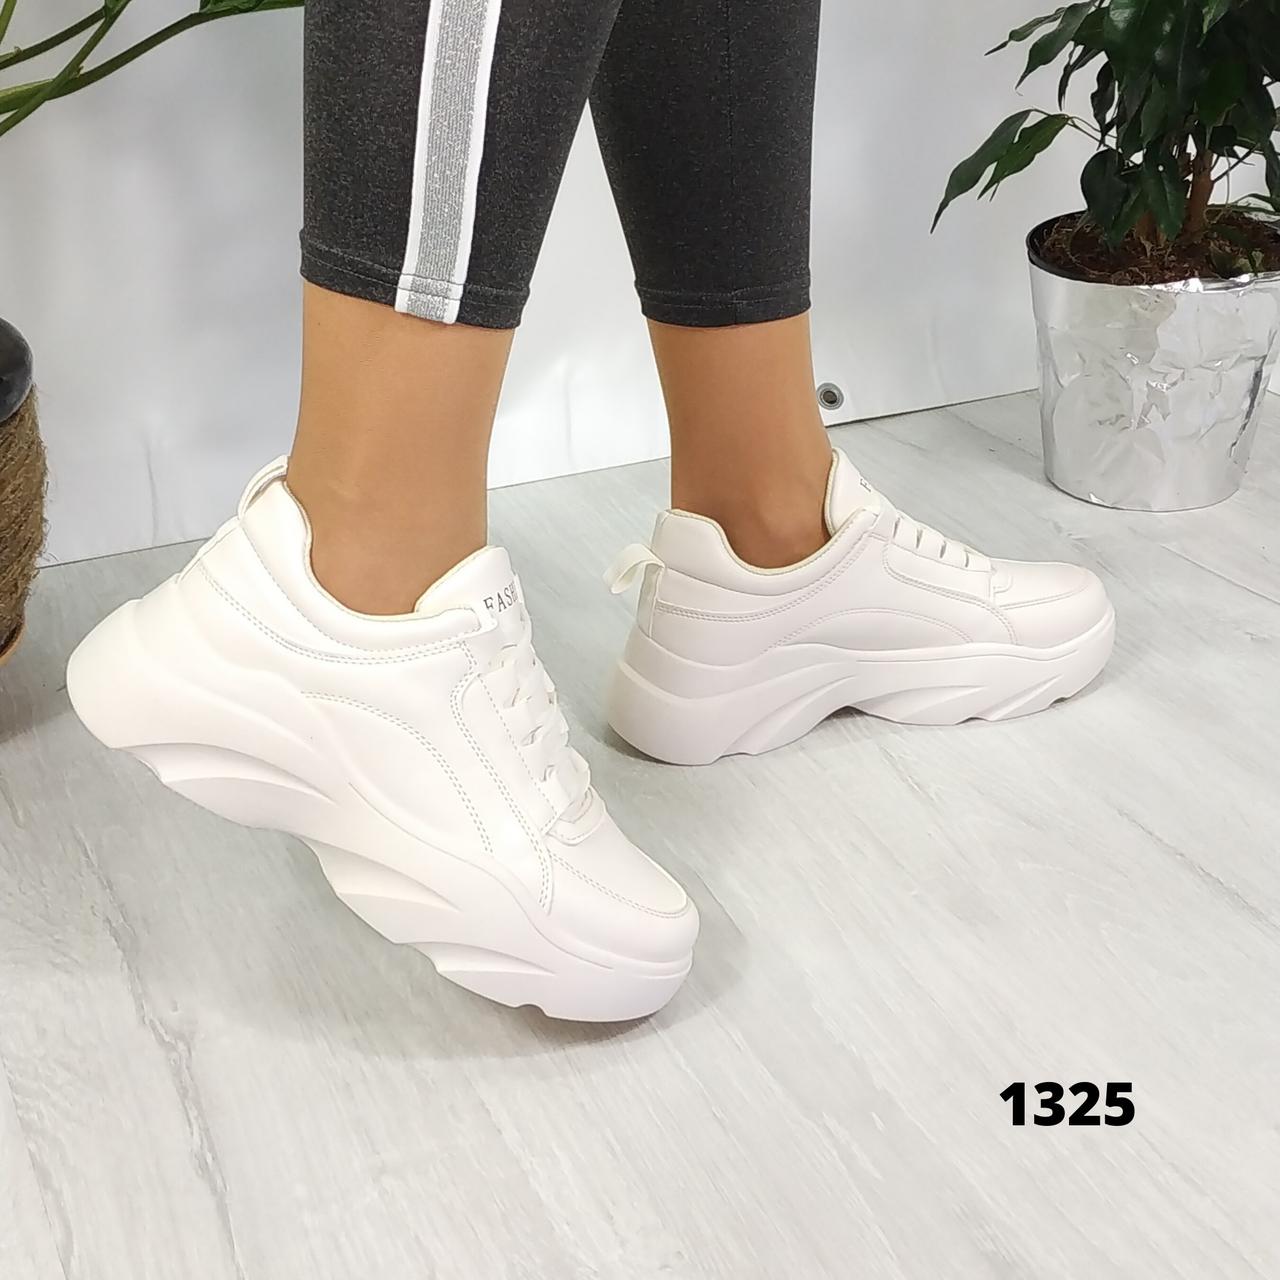 Женские бежевые кроссовки на платформе, хит продаж, ОВ 1325